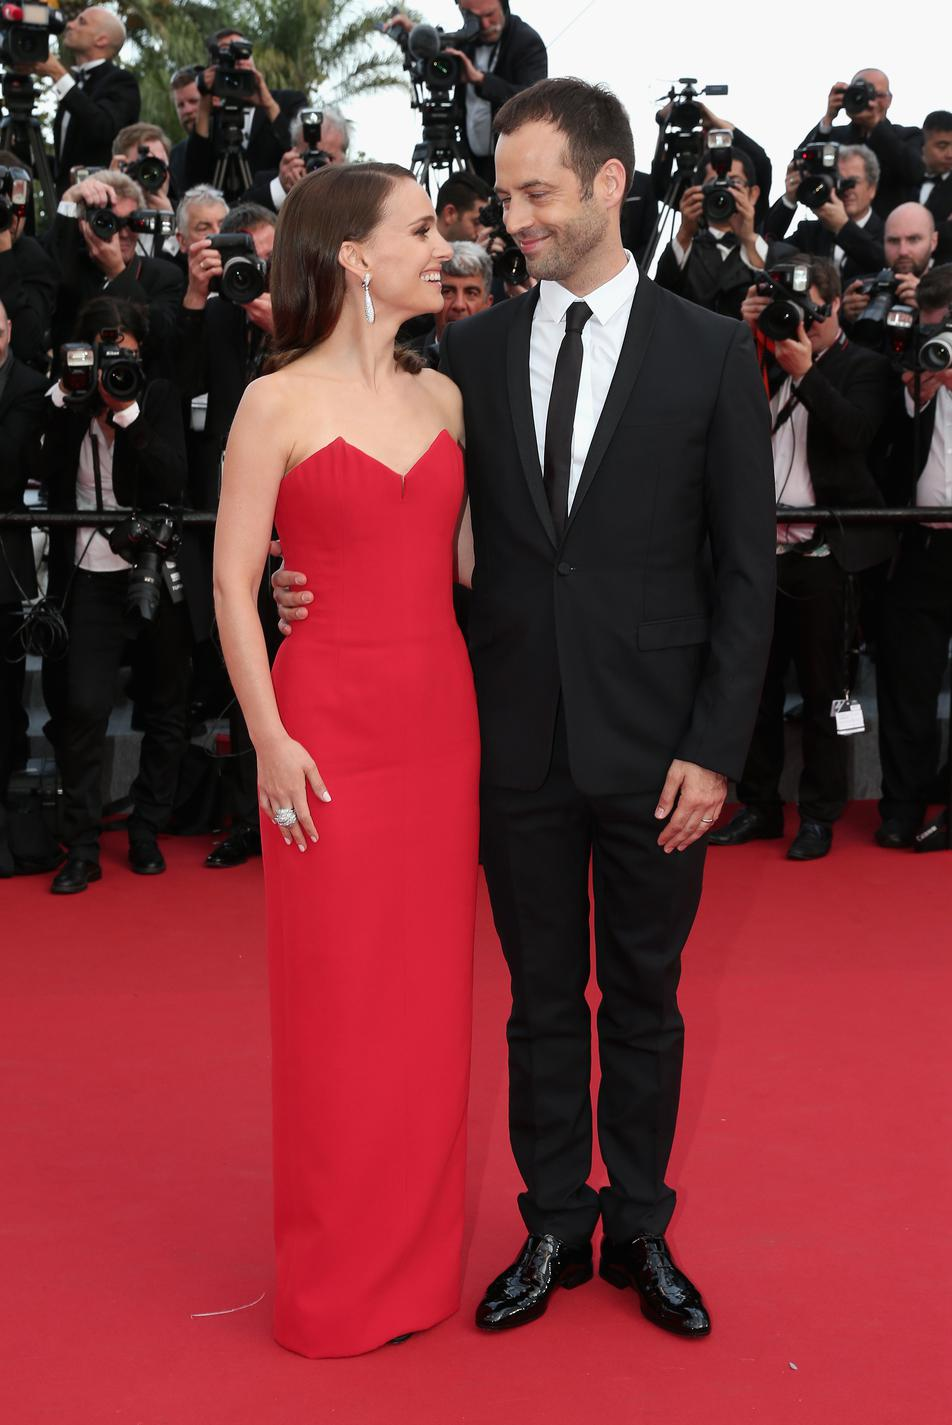 Cannes-2015-Natalie-Portman-Benjamin-Millepied